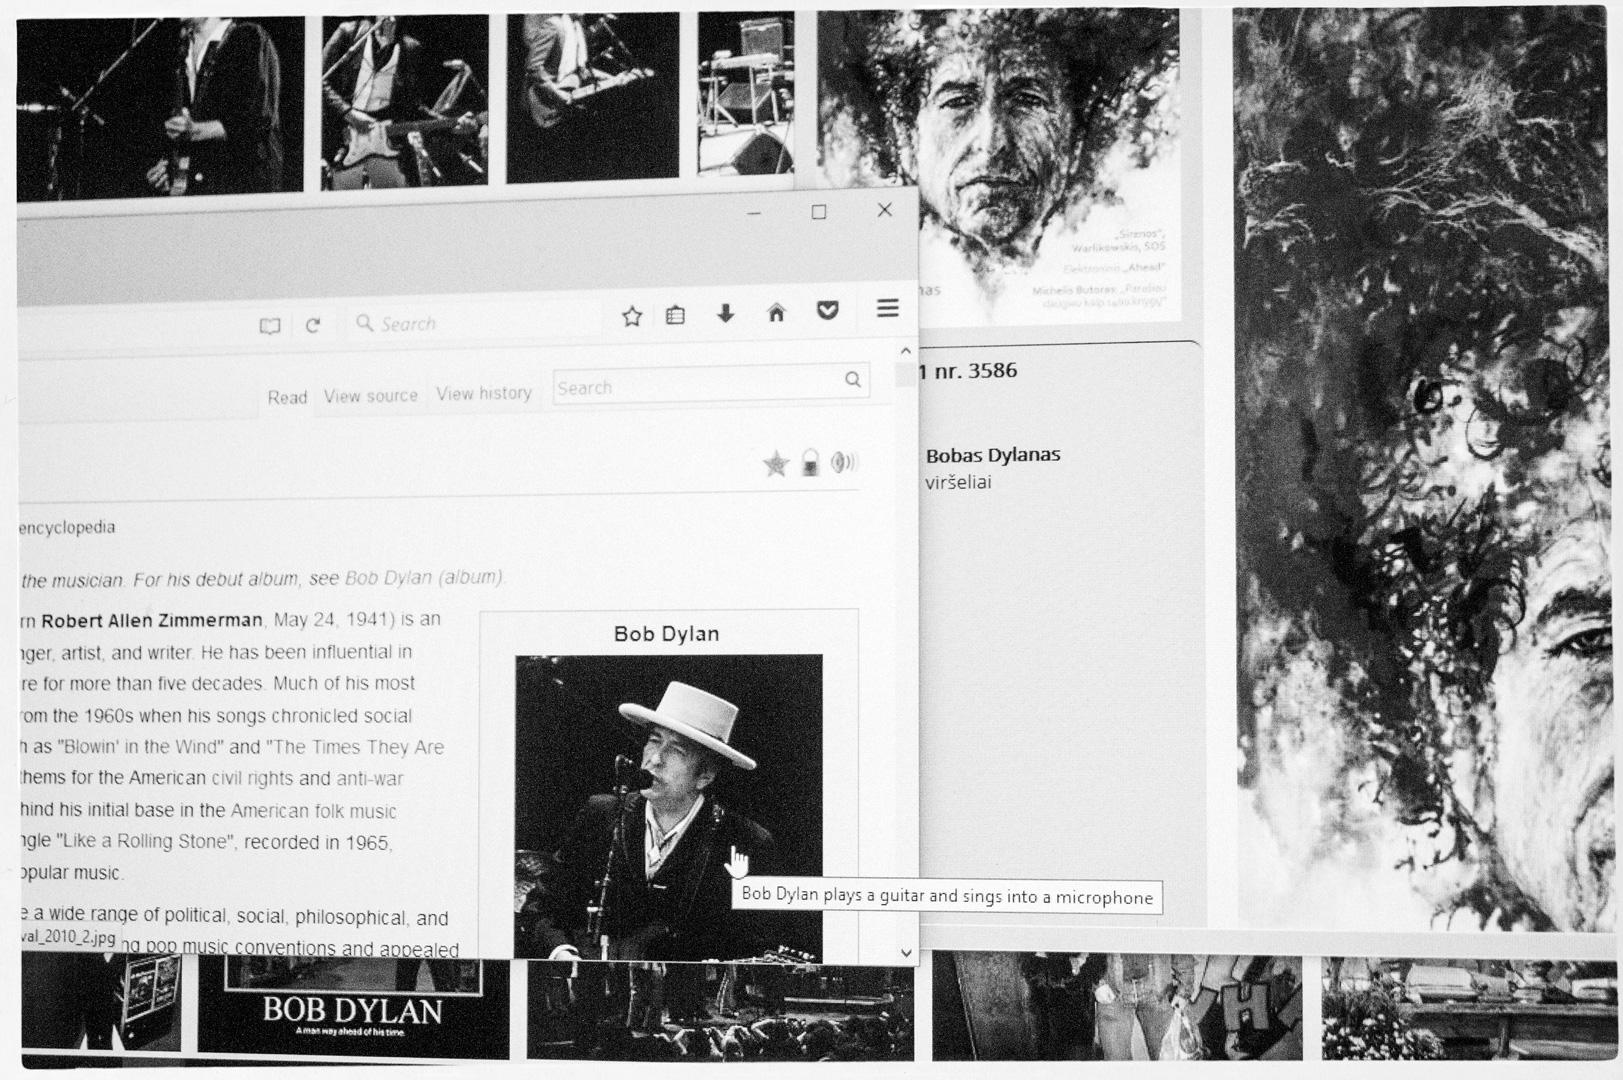 Bobas Dylanas groja gitara ir dainuoja į mikrofoną